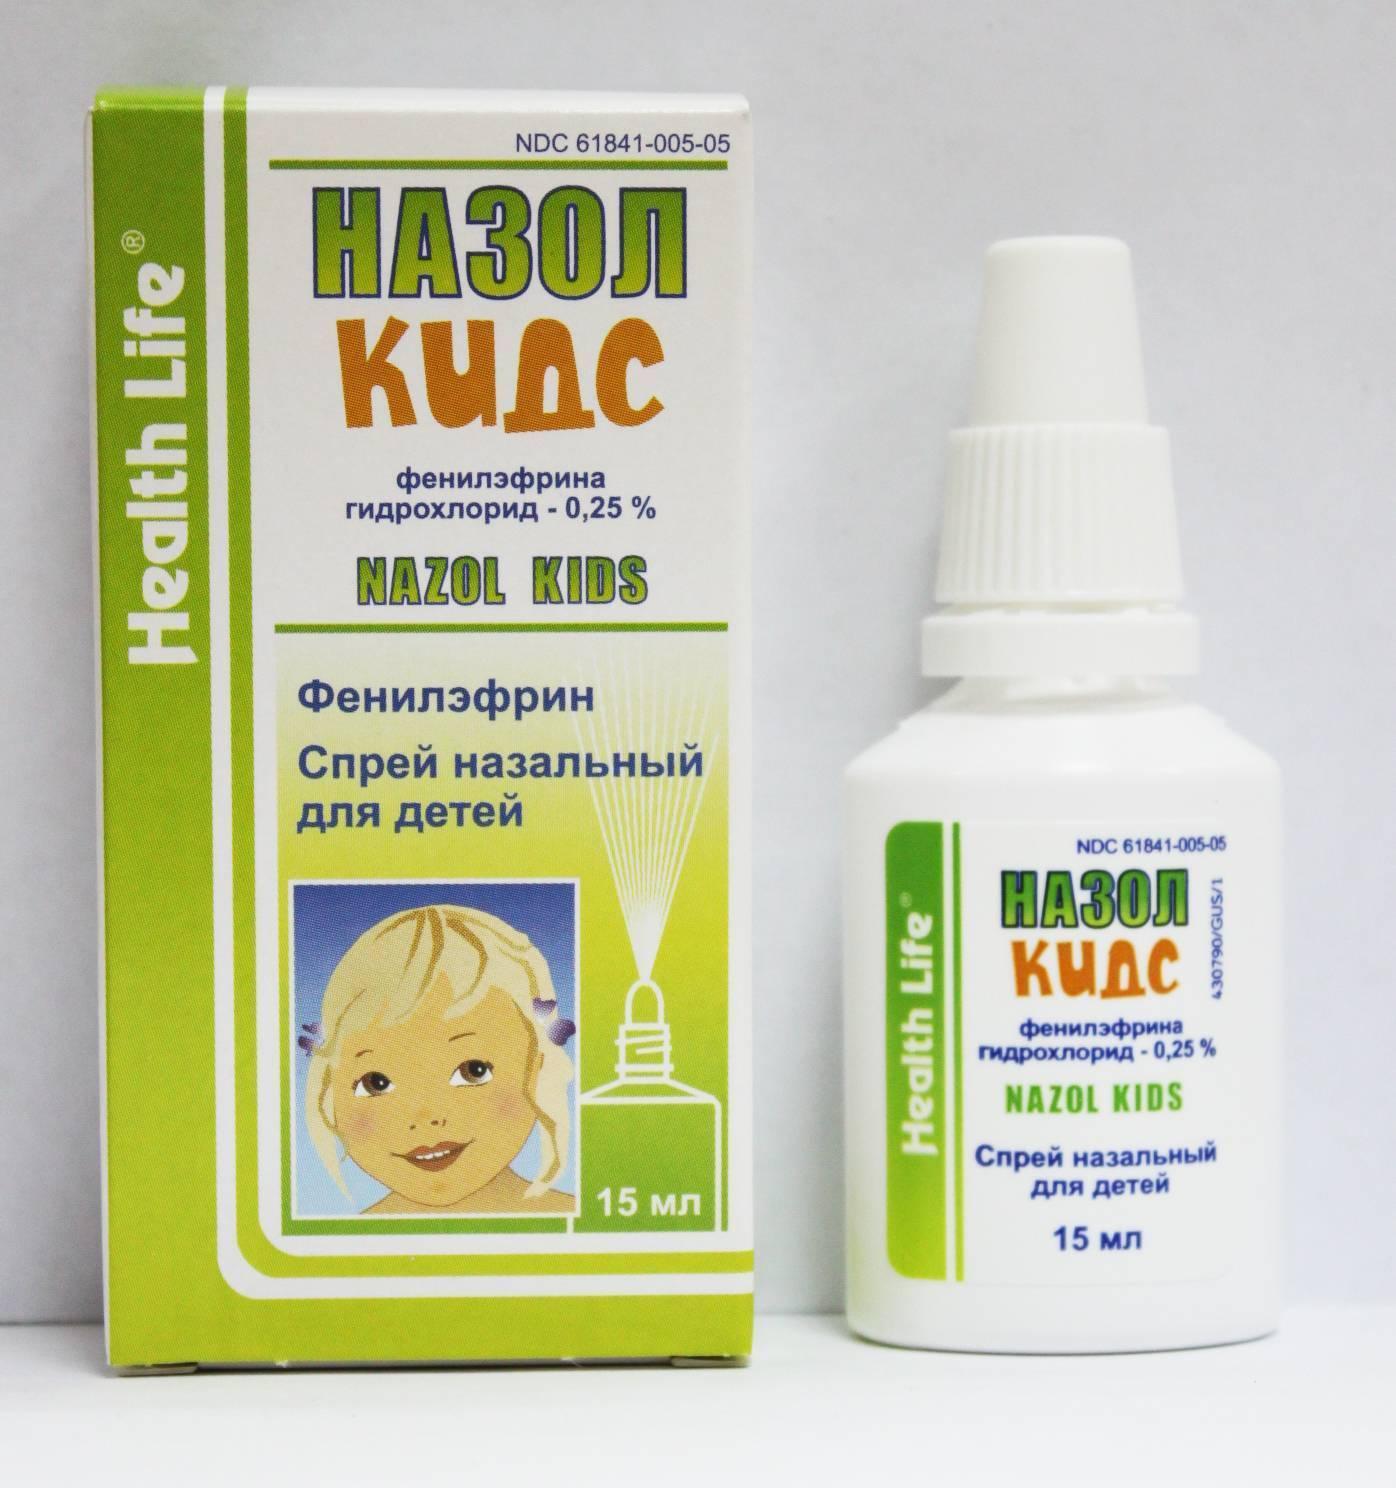 Капли от насморка для детей: список лучших препаратов для лечения насморка